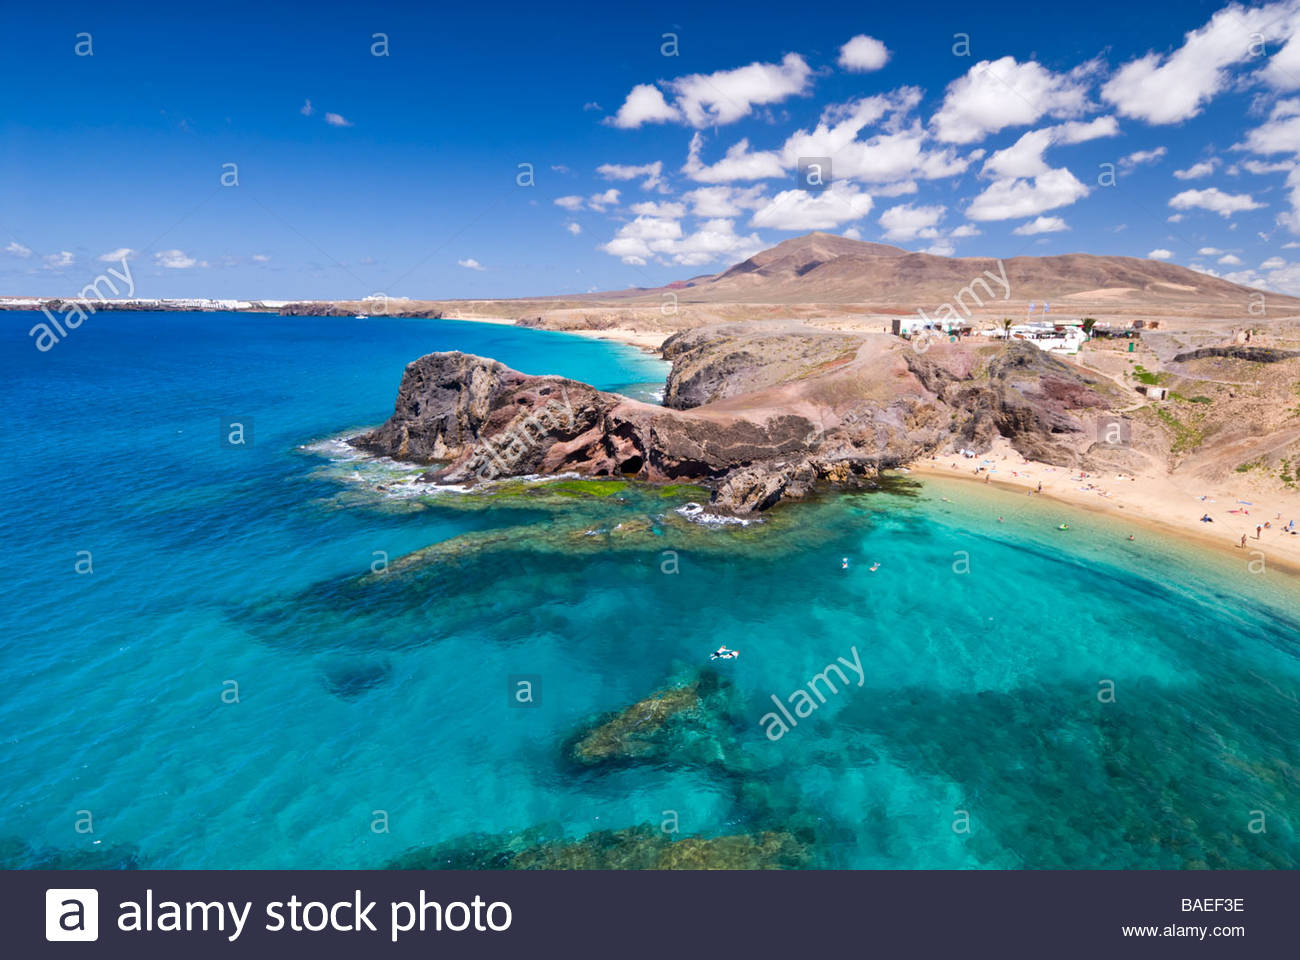 Playa de Papagayo, Lanzarote, îles Canaries, Espagne. Photo Stock